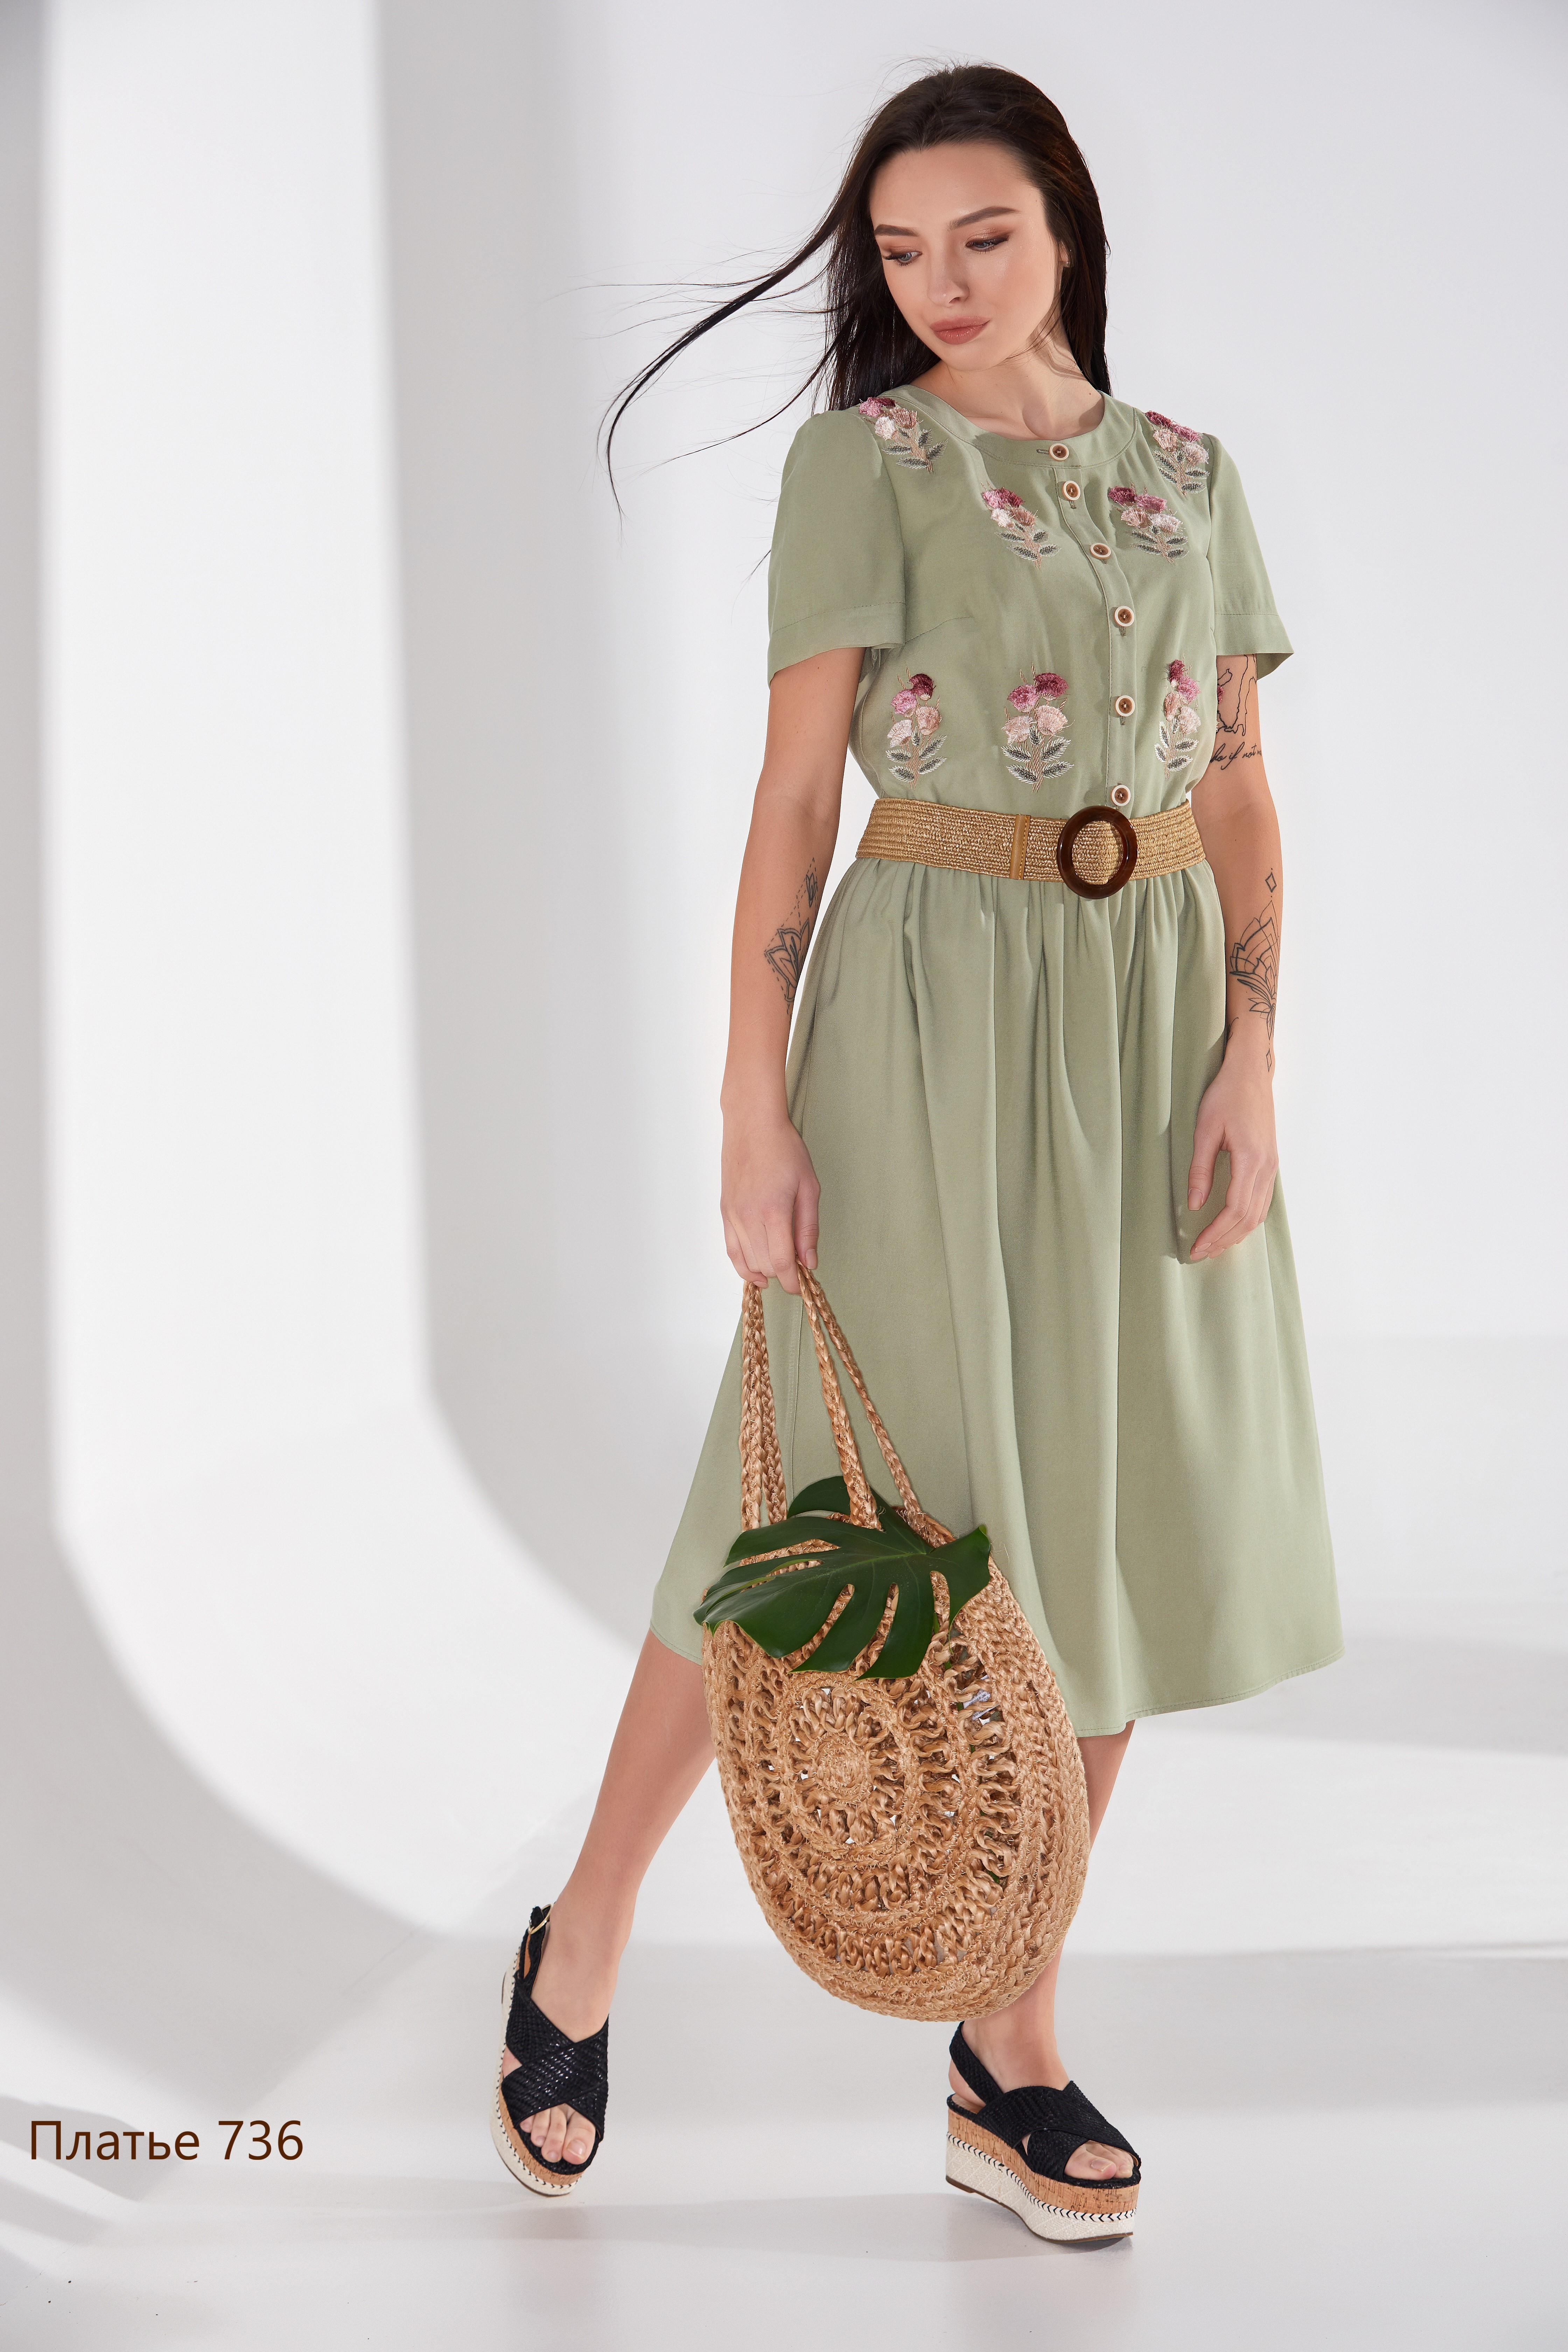 Платье 736 (2)